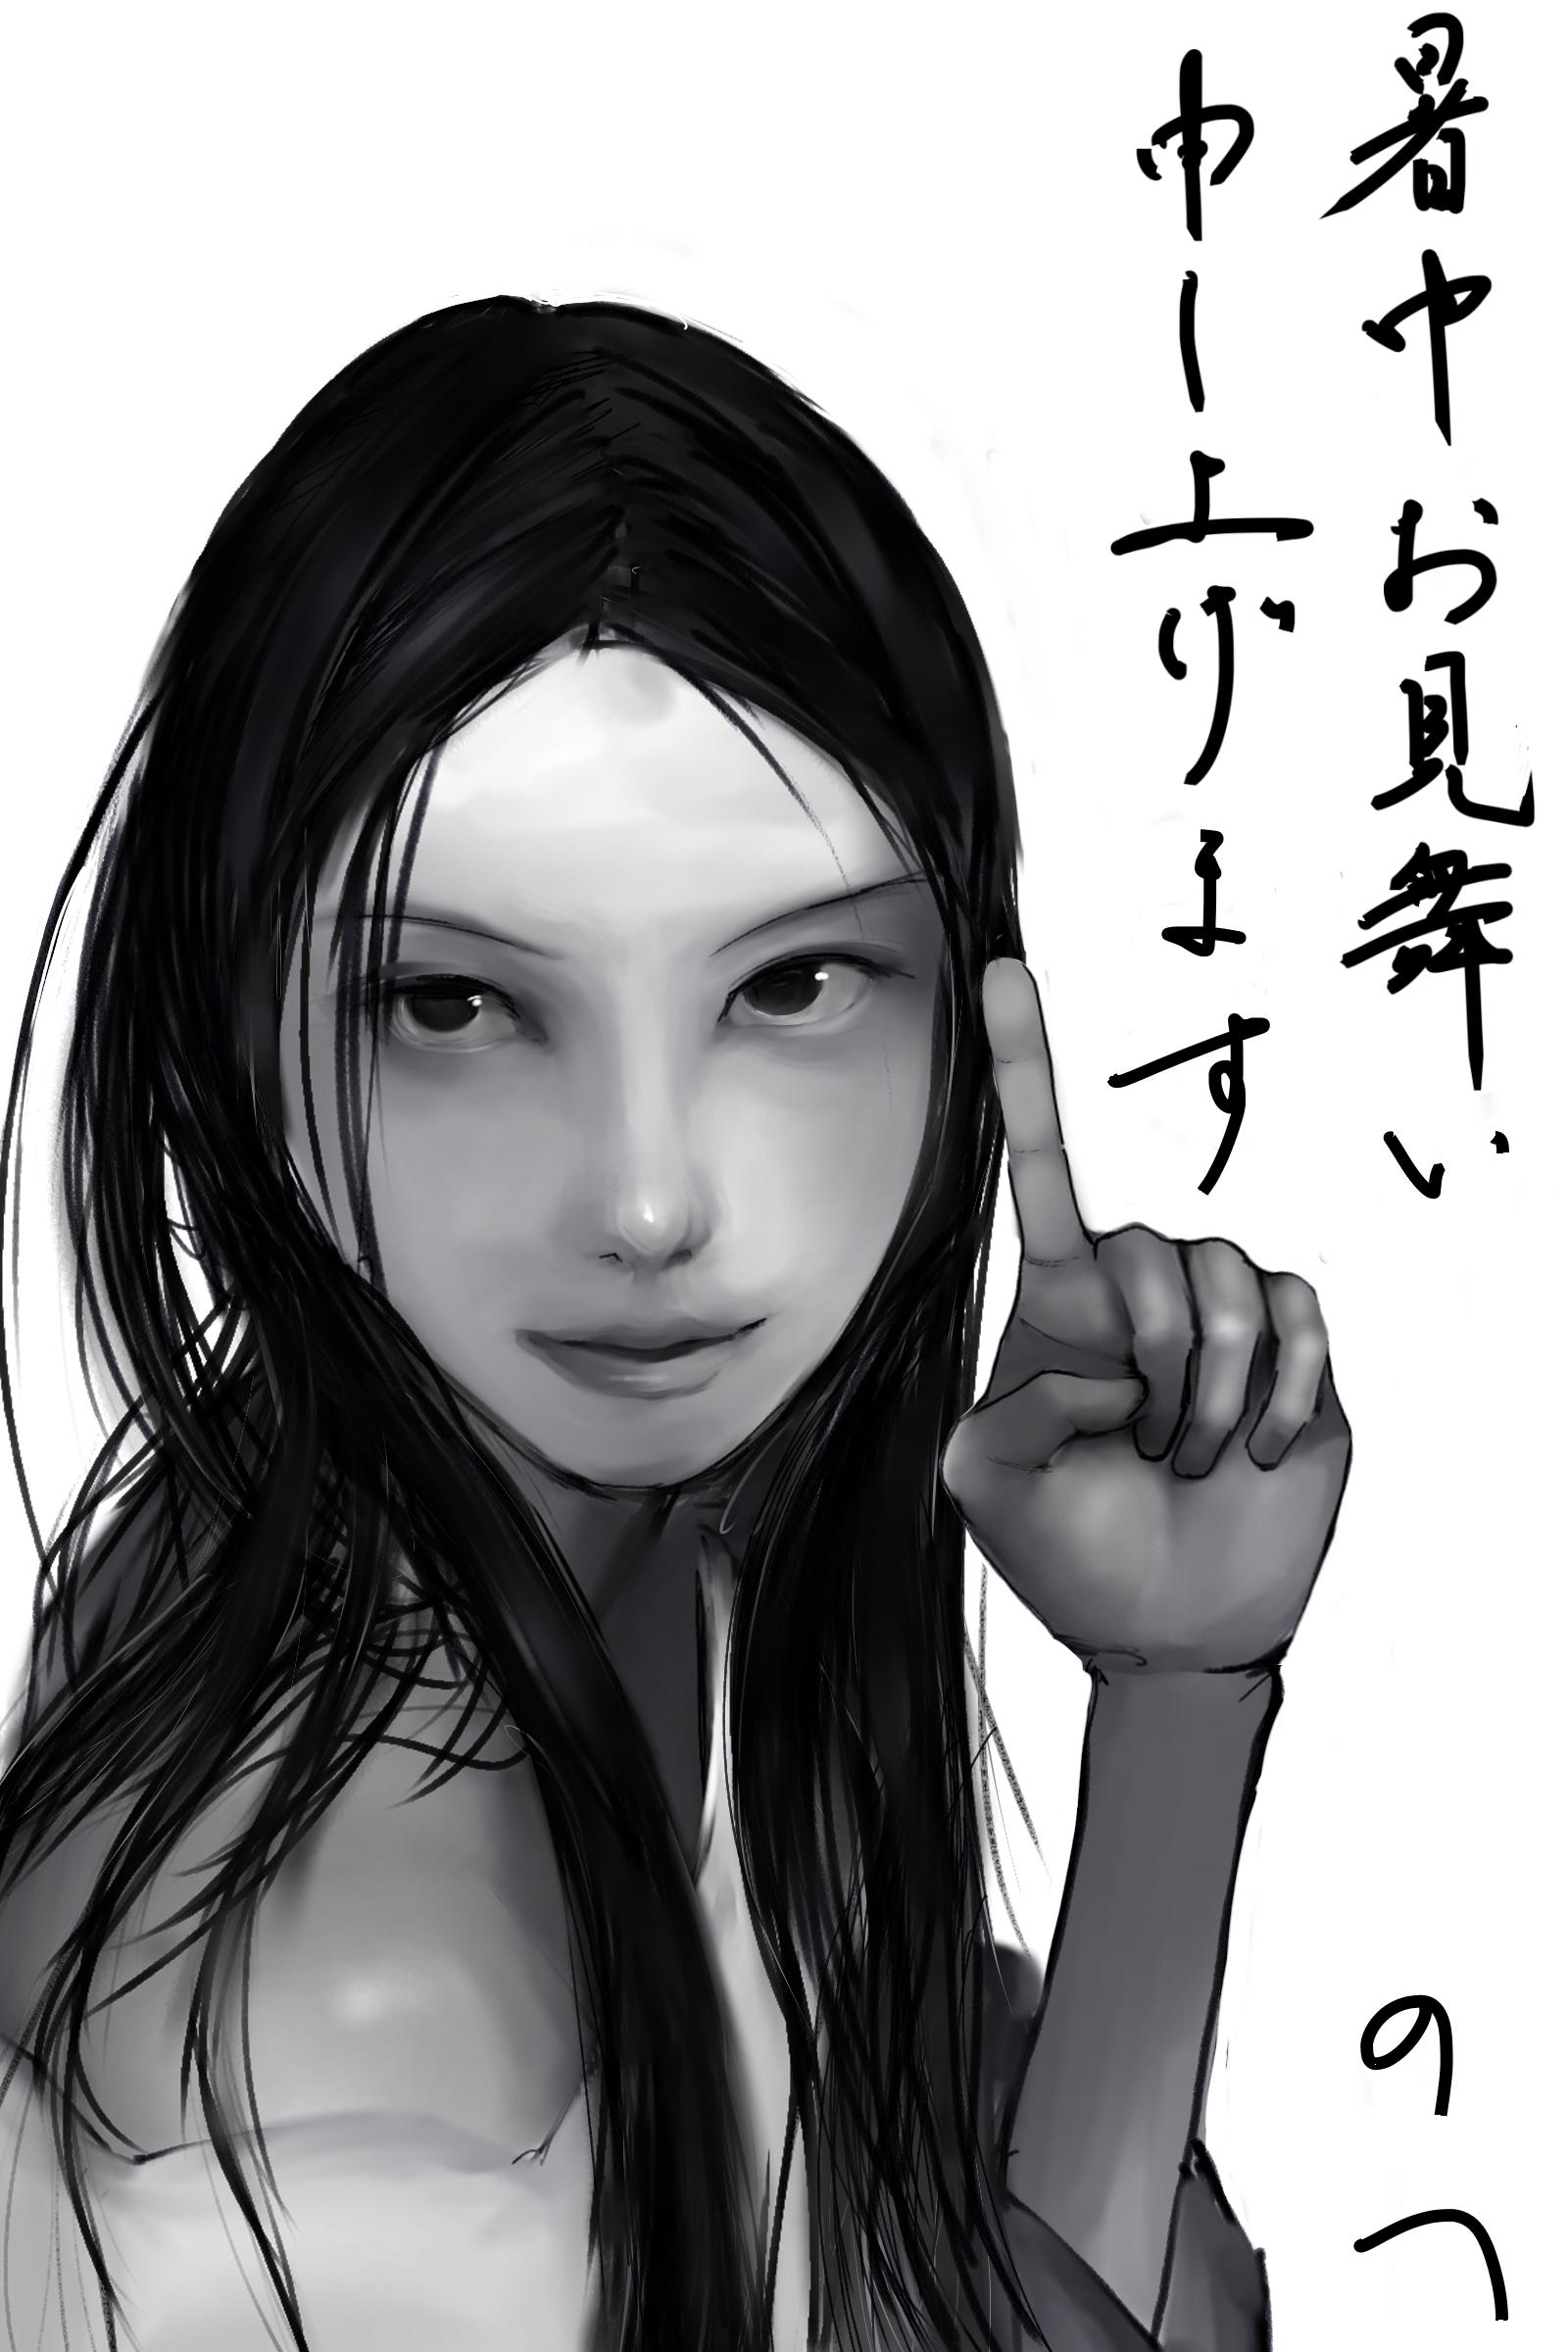 貞子タソのエロ画像きぼんぬ二十九夜YouTube動画>4本 ニコニコ動画>1本 ->画像>349枚